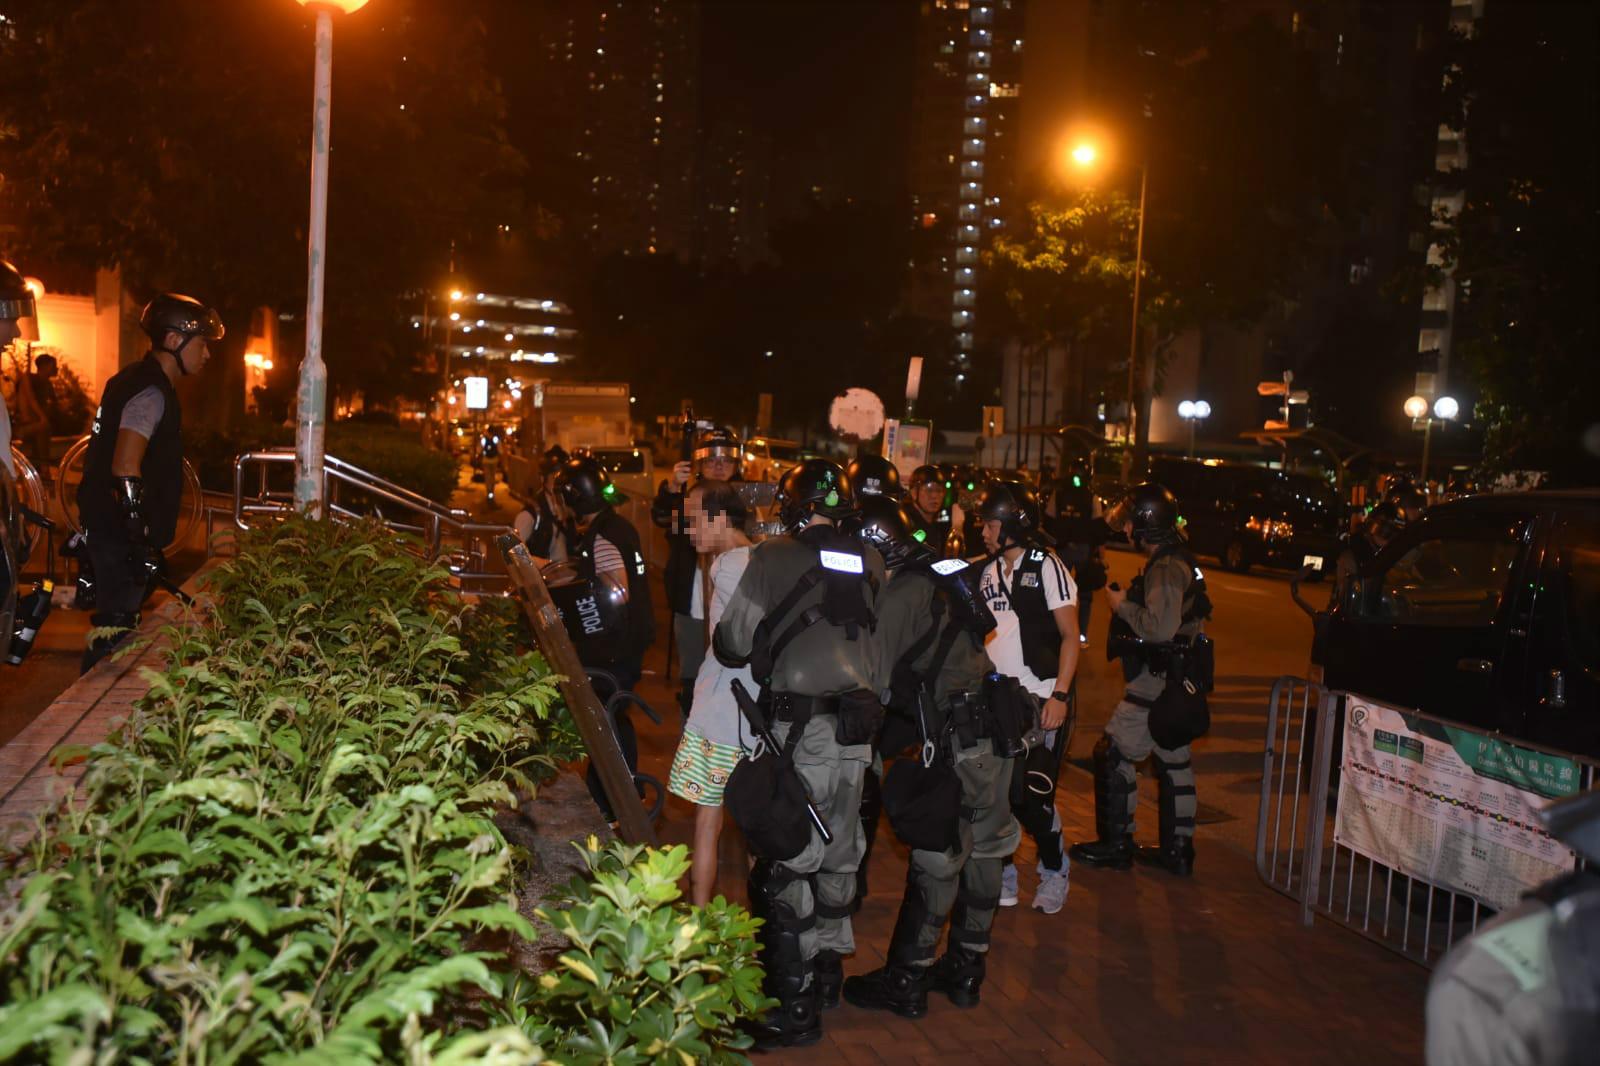 警方之後又拘捕一名男子,涉嫌藏有利刀。